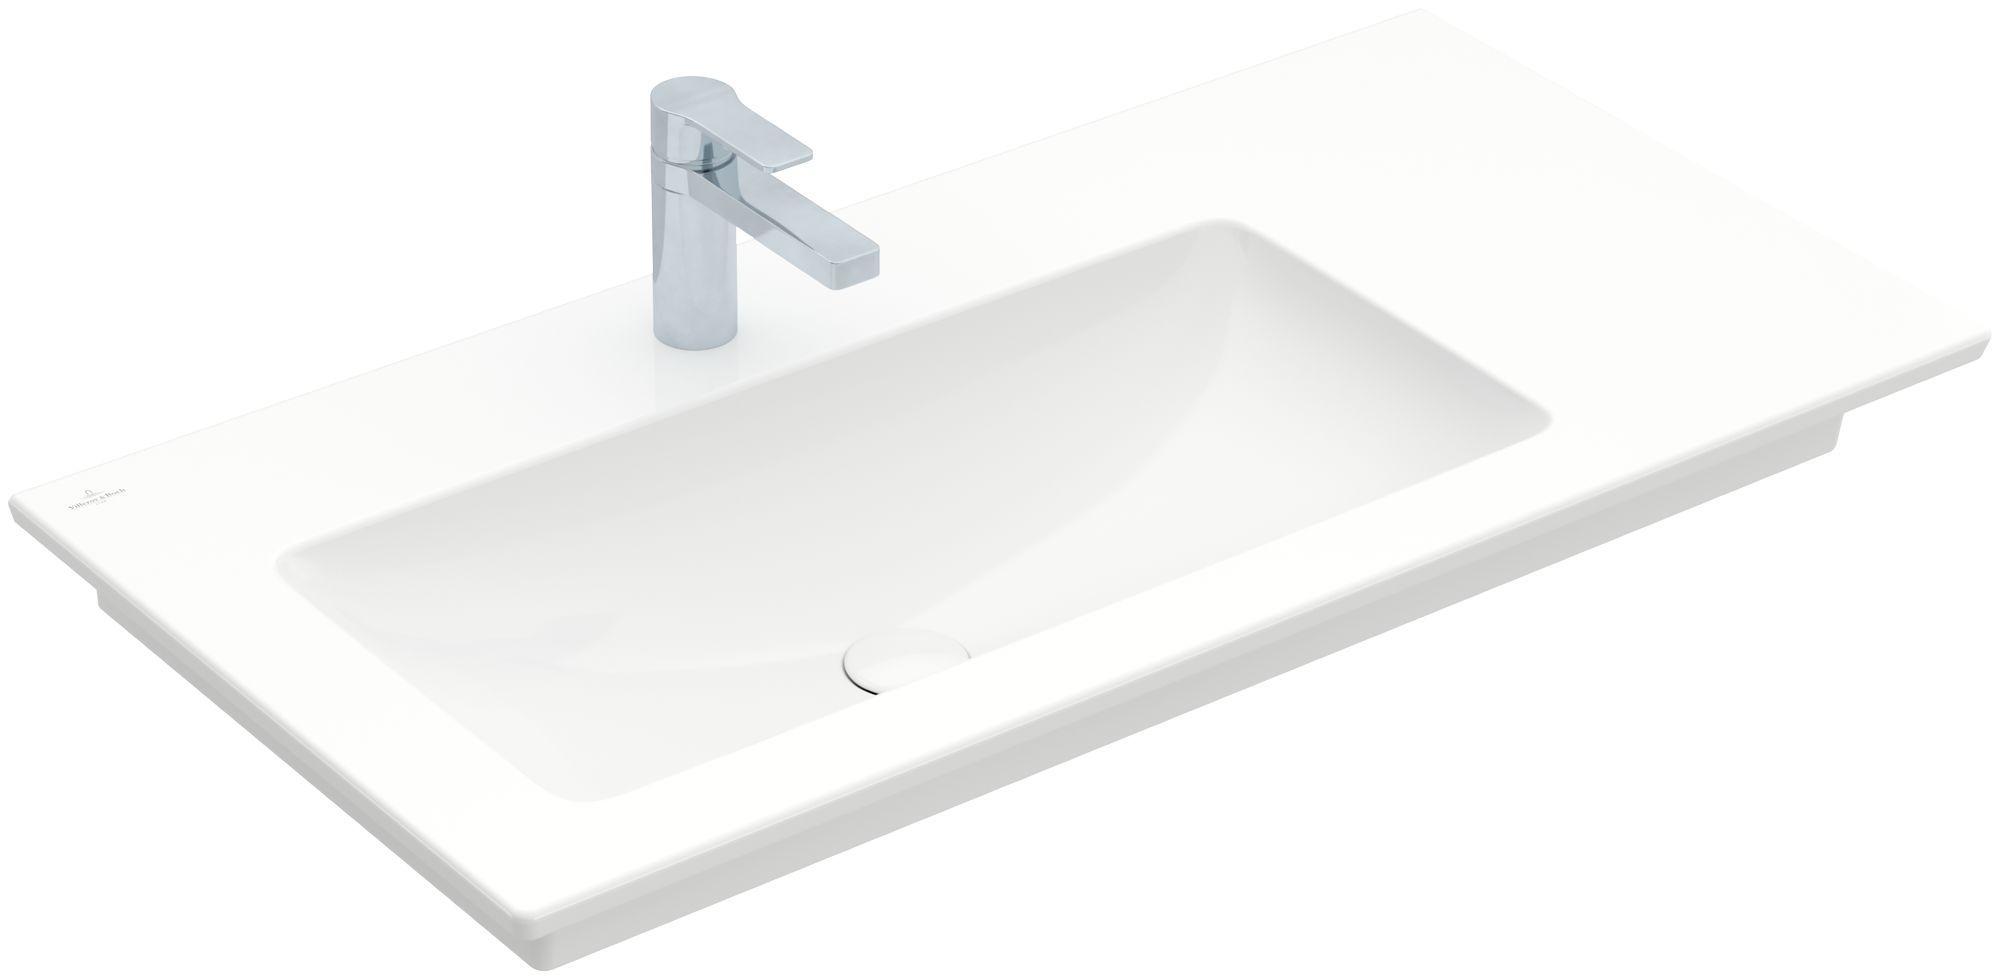 Villeroy & Boch Venticello Möbelwaschtisch B:100xT:50cm 1 Hahnloch ohne Überlauf weiß 4134L201